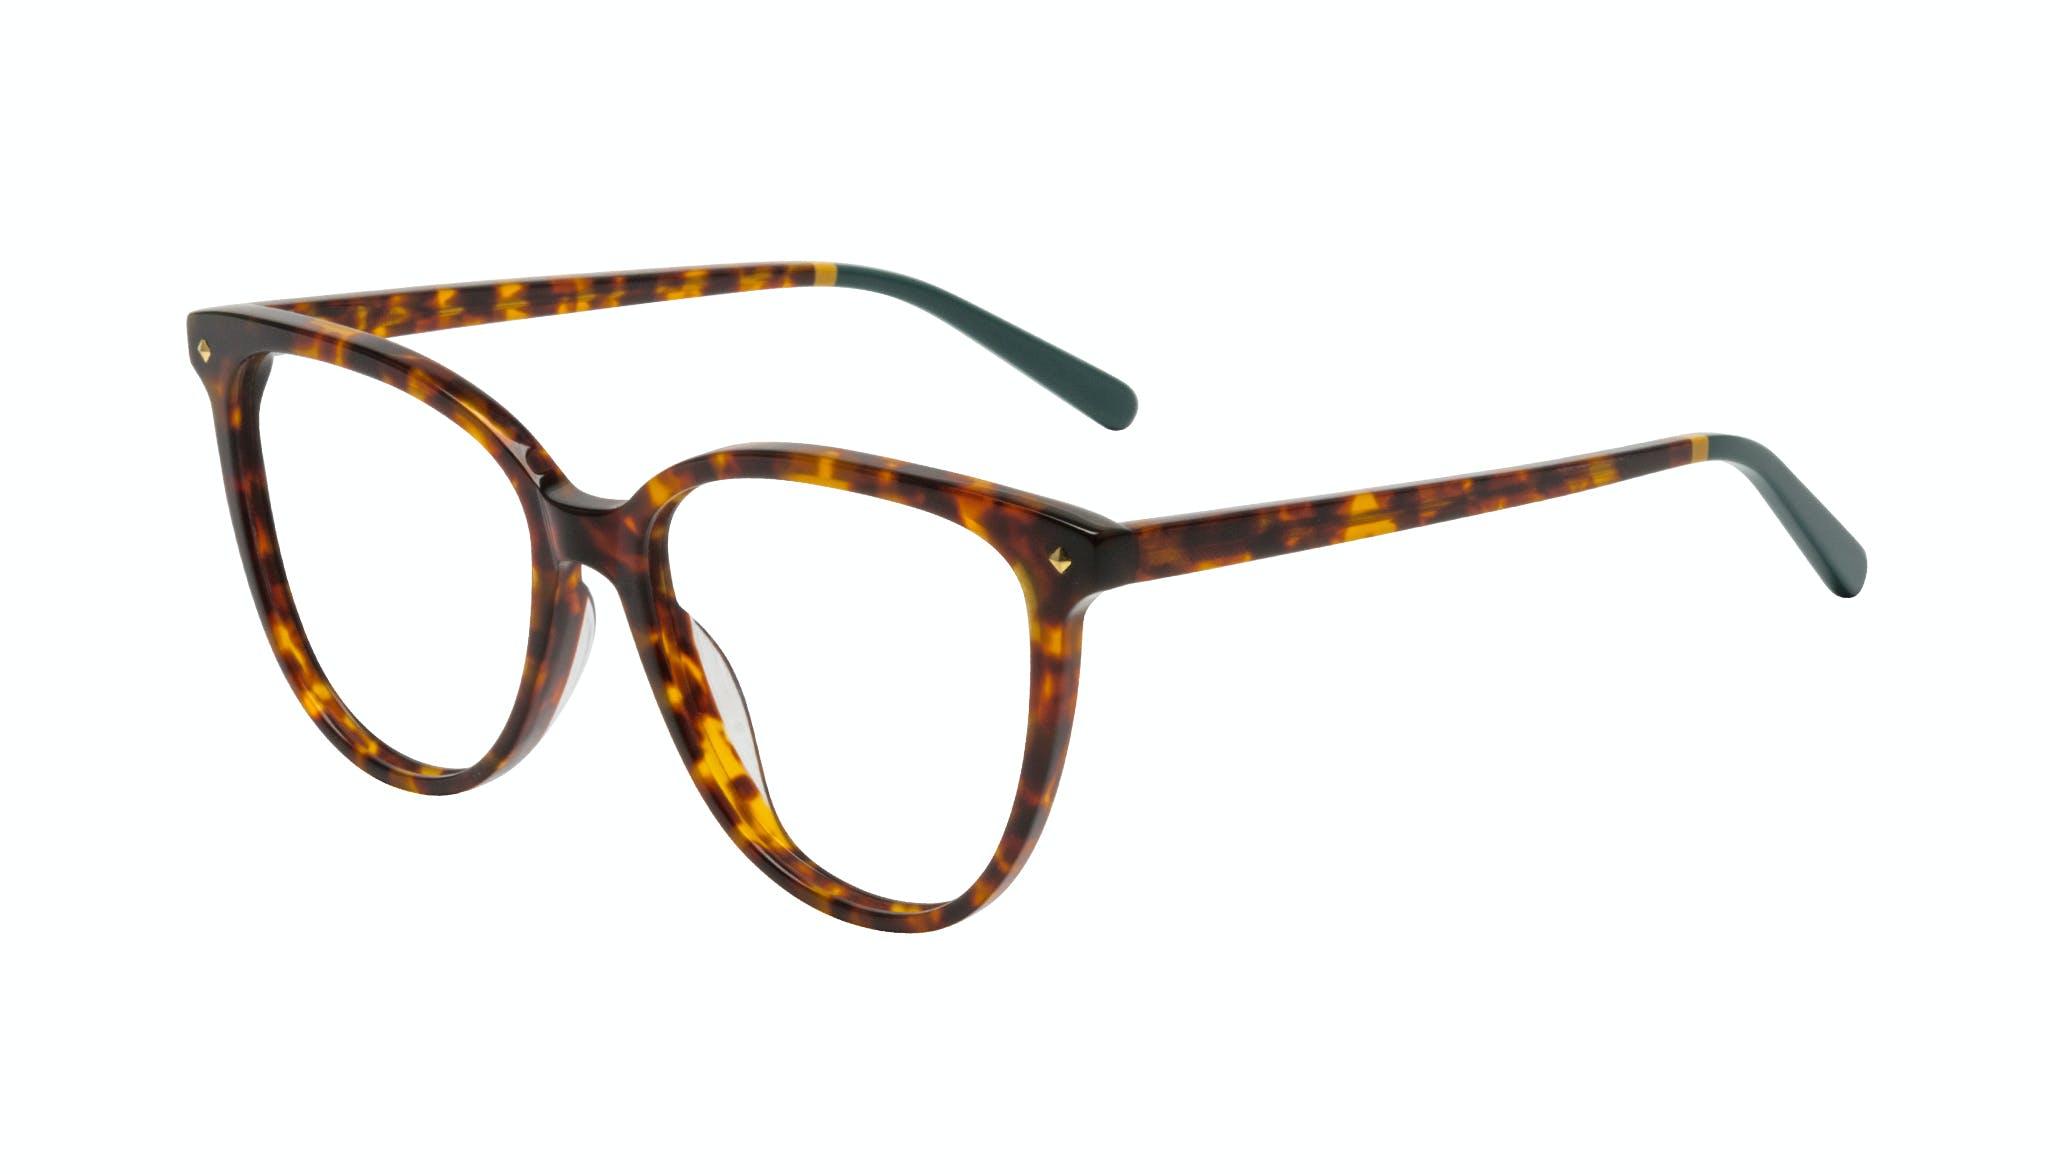 Affordable Fashion Glasses Cat Eye Eyeglasses Women Jane Tortoise Tilt